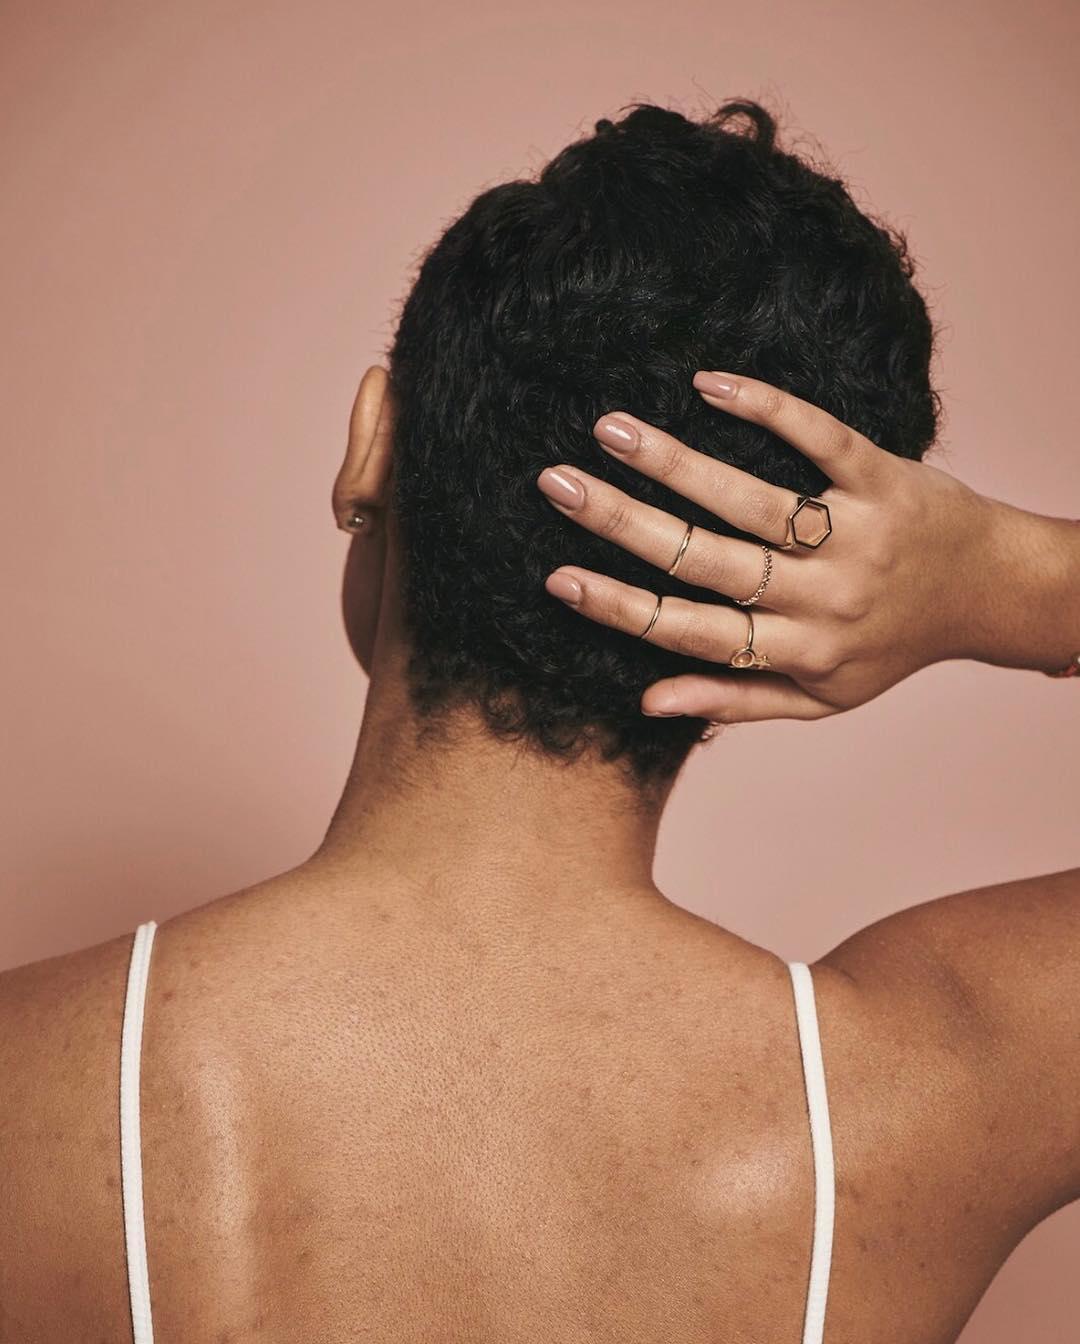 APOSTE EM CORTES CURTOS E ARRASE 💇 INSPIRAÇÕES PARA CABELOS CACHEADOS E CRESPOS, cabelo cacheado, cachos, tipos de corte para cabelo cacheado e crespo, cabelo crespo, crespo, qual o melhor corte para cabelo cacheado e crespo, como cortar o cabelo, cabelo curto, kahchear, kahena kévya,